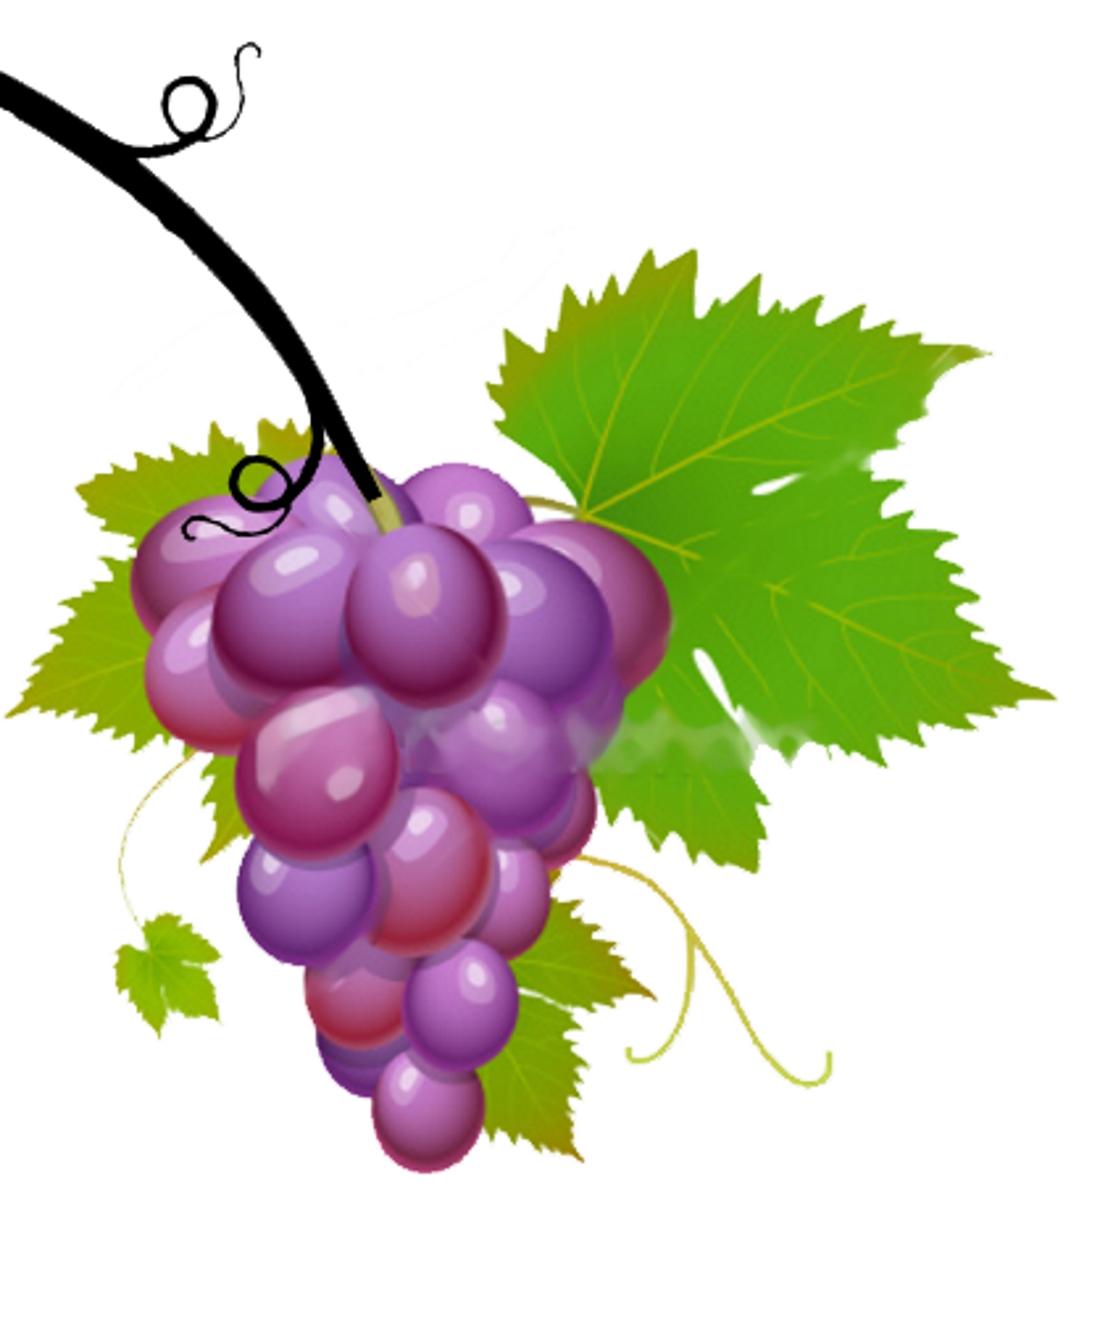 свойства картинка виноградной ветки снимках актриса